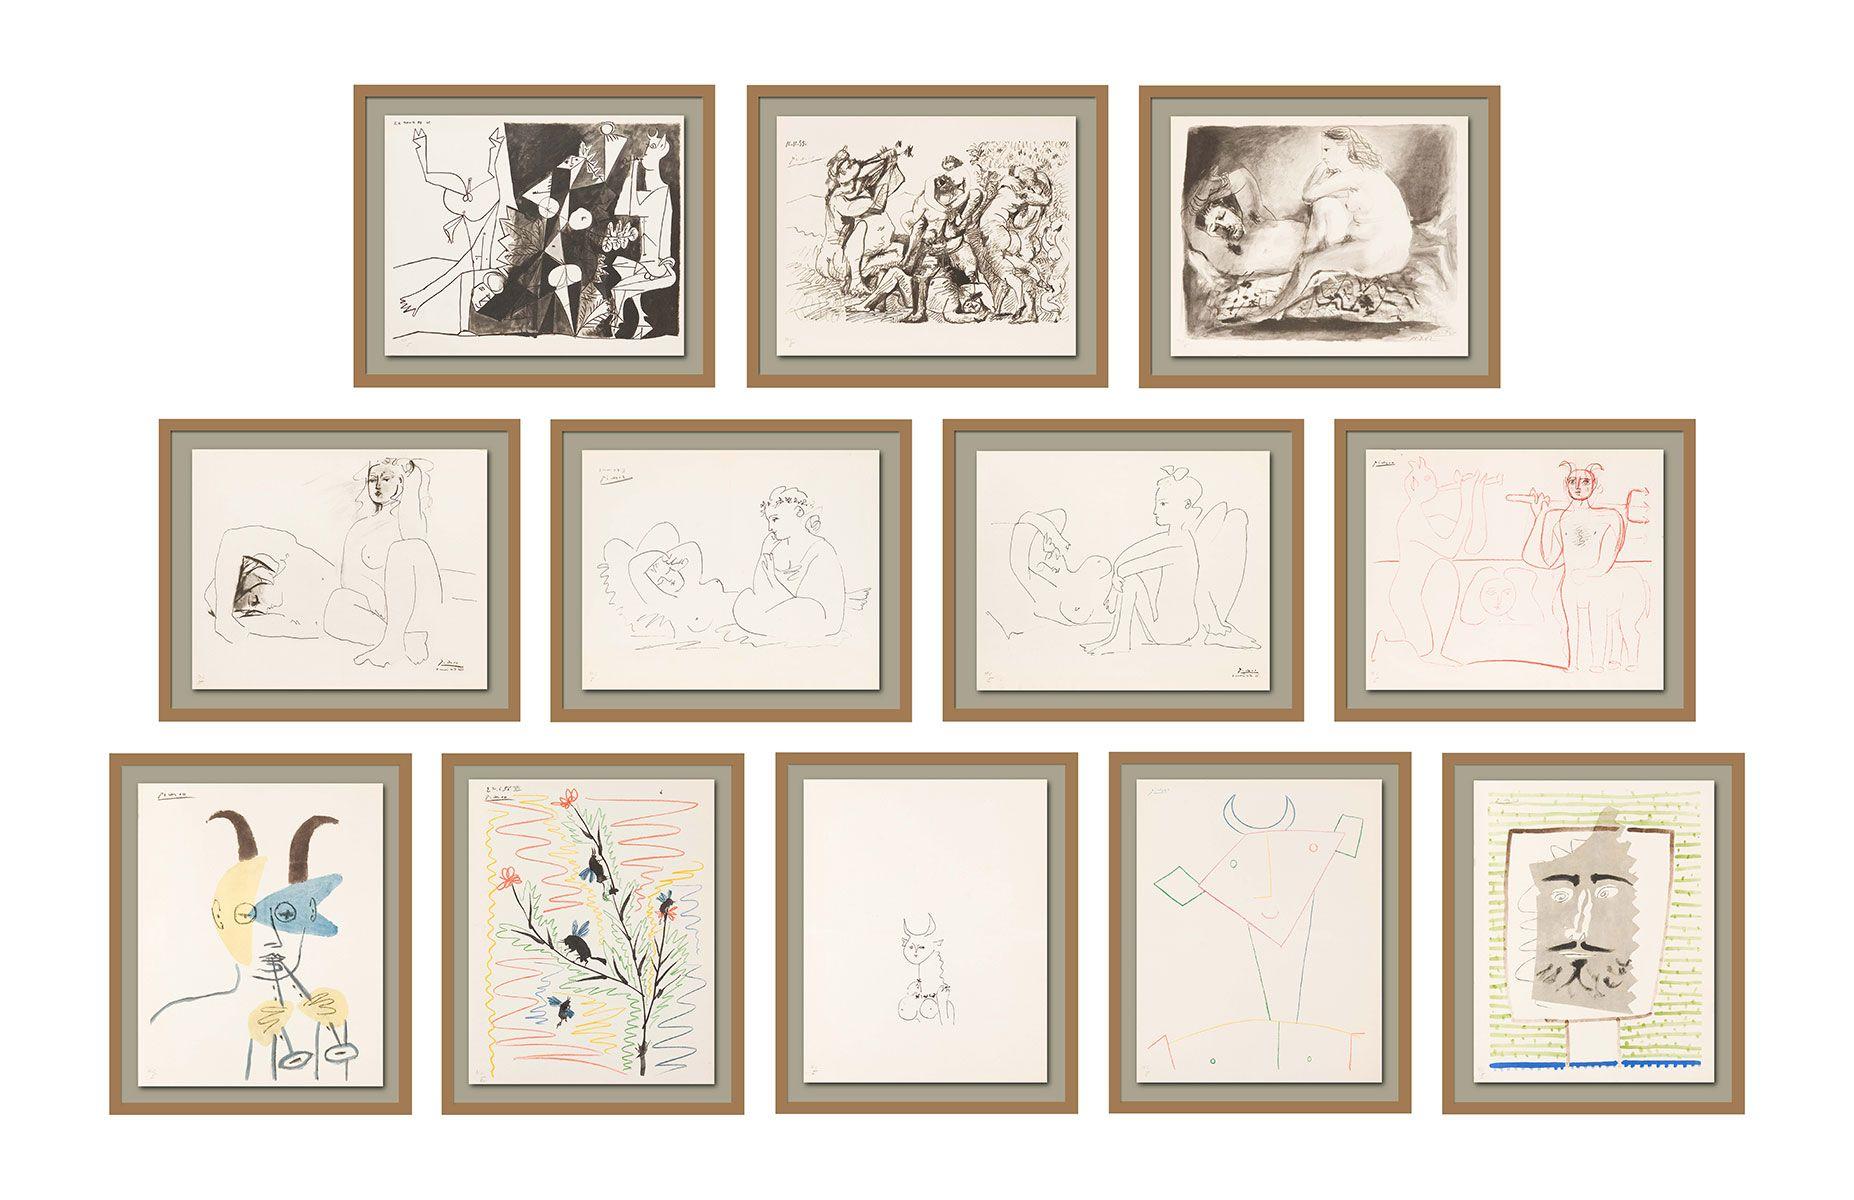 12-Picasso---Femmes-et-Faunes_full-set-framed